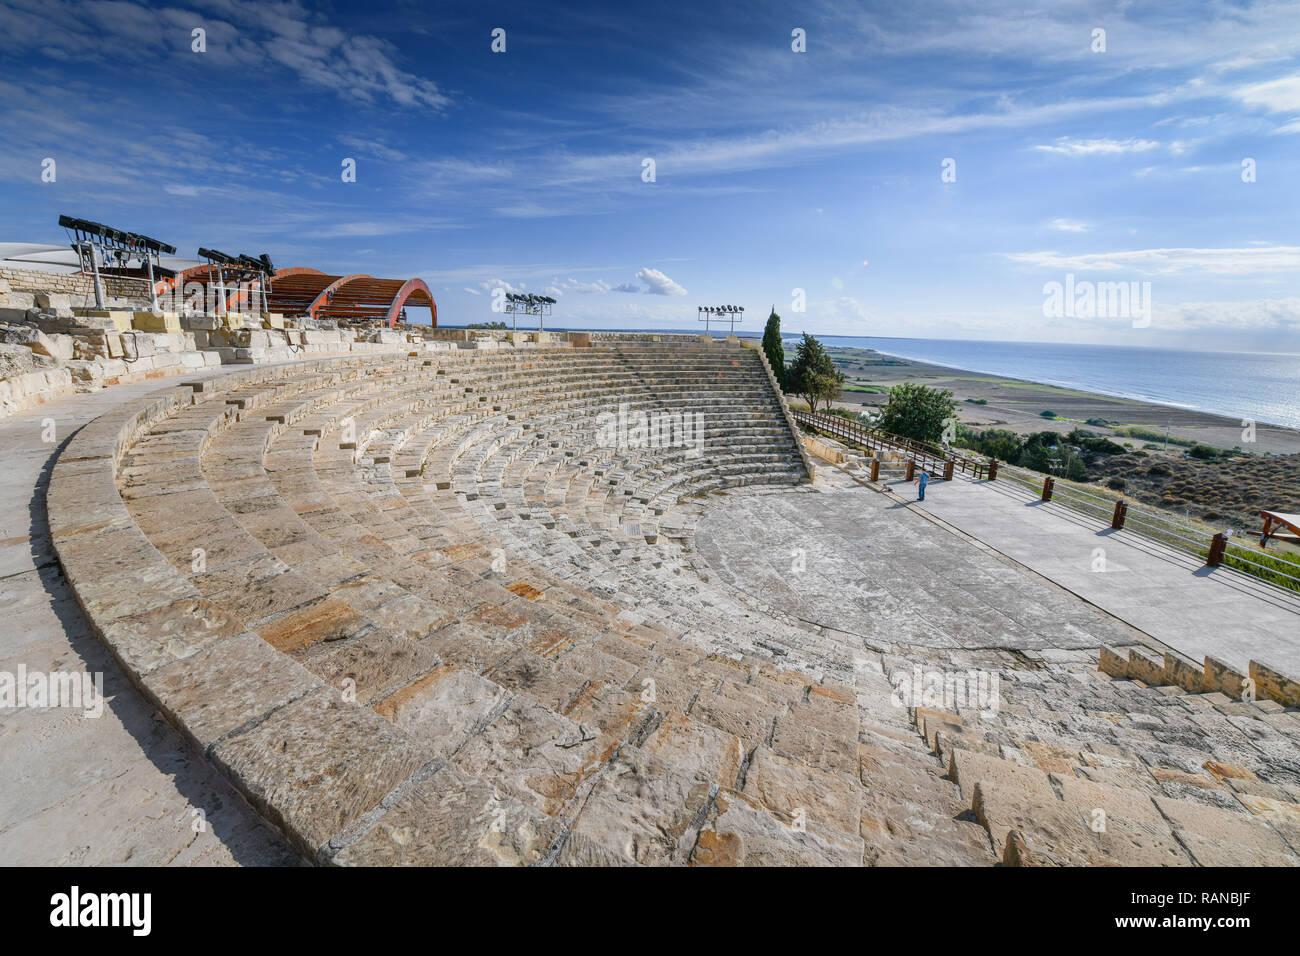 Amphitheatre, excavation site, Kourion, Cyprus, Amphitheater, Ausgrabungsstaette, Zypern Stock Photo